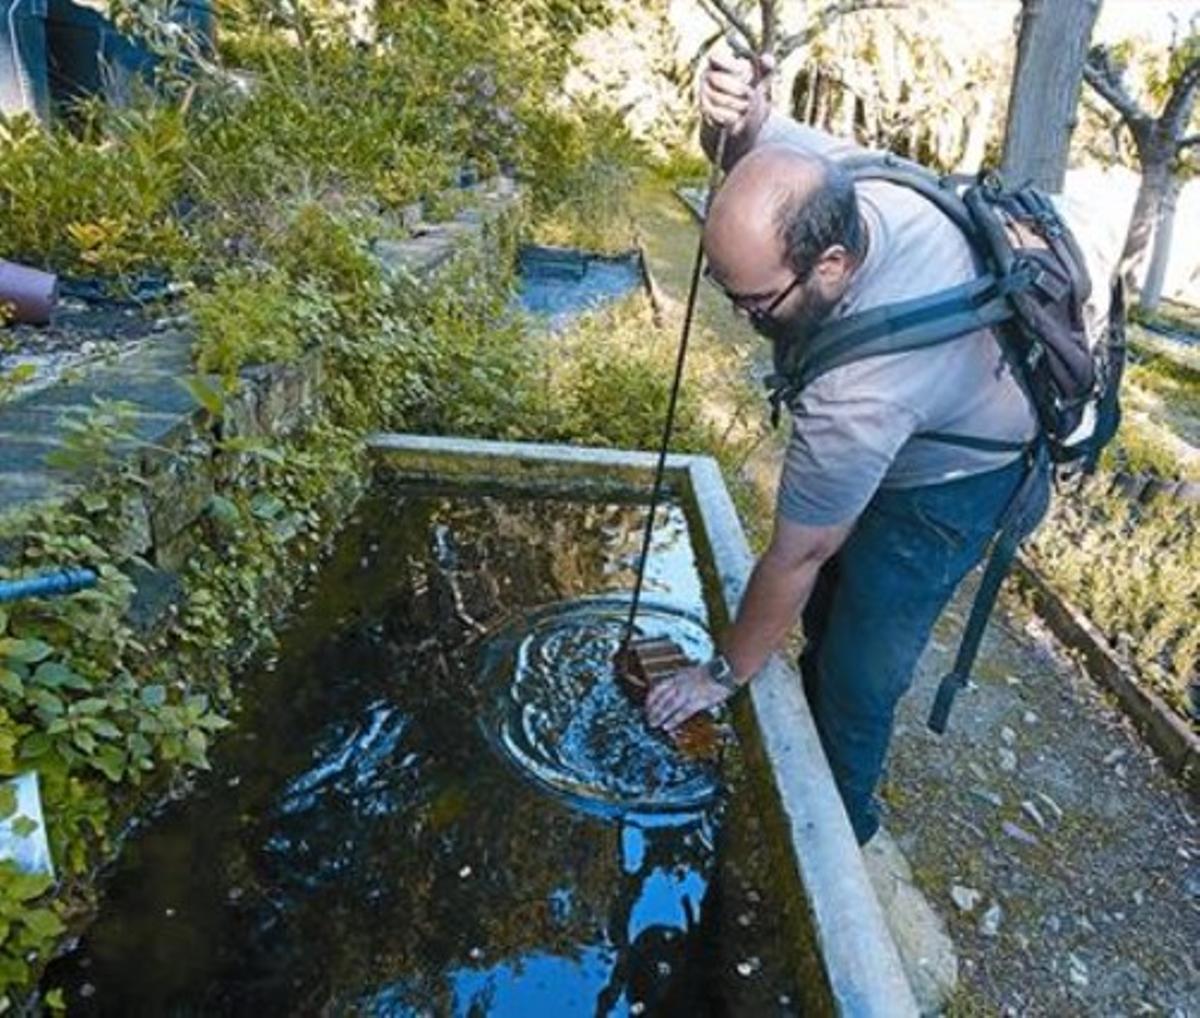 El biólogo Guillem Pascual cuida las planarias de las balsas del vivero de Tres Pins en Montjuïc, en Barcelona.